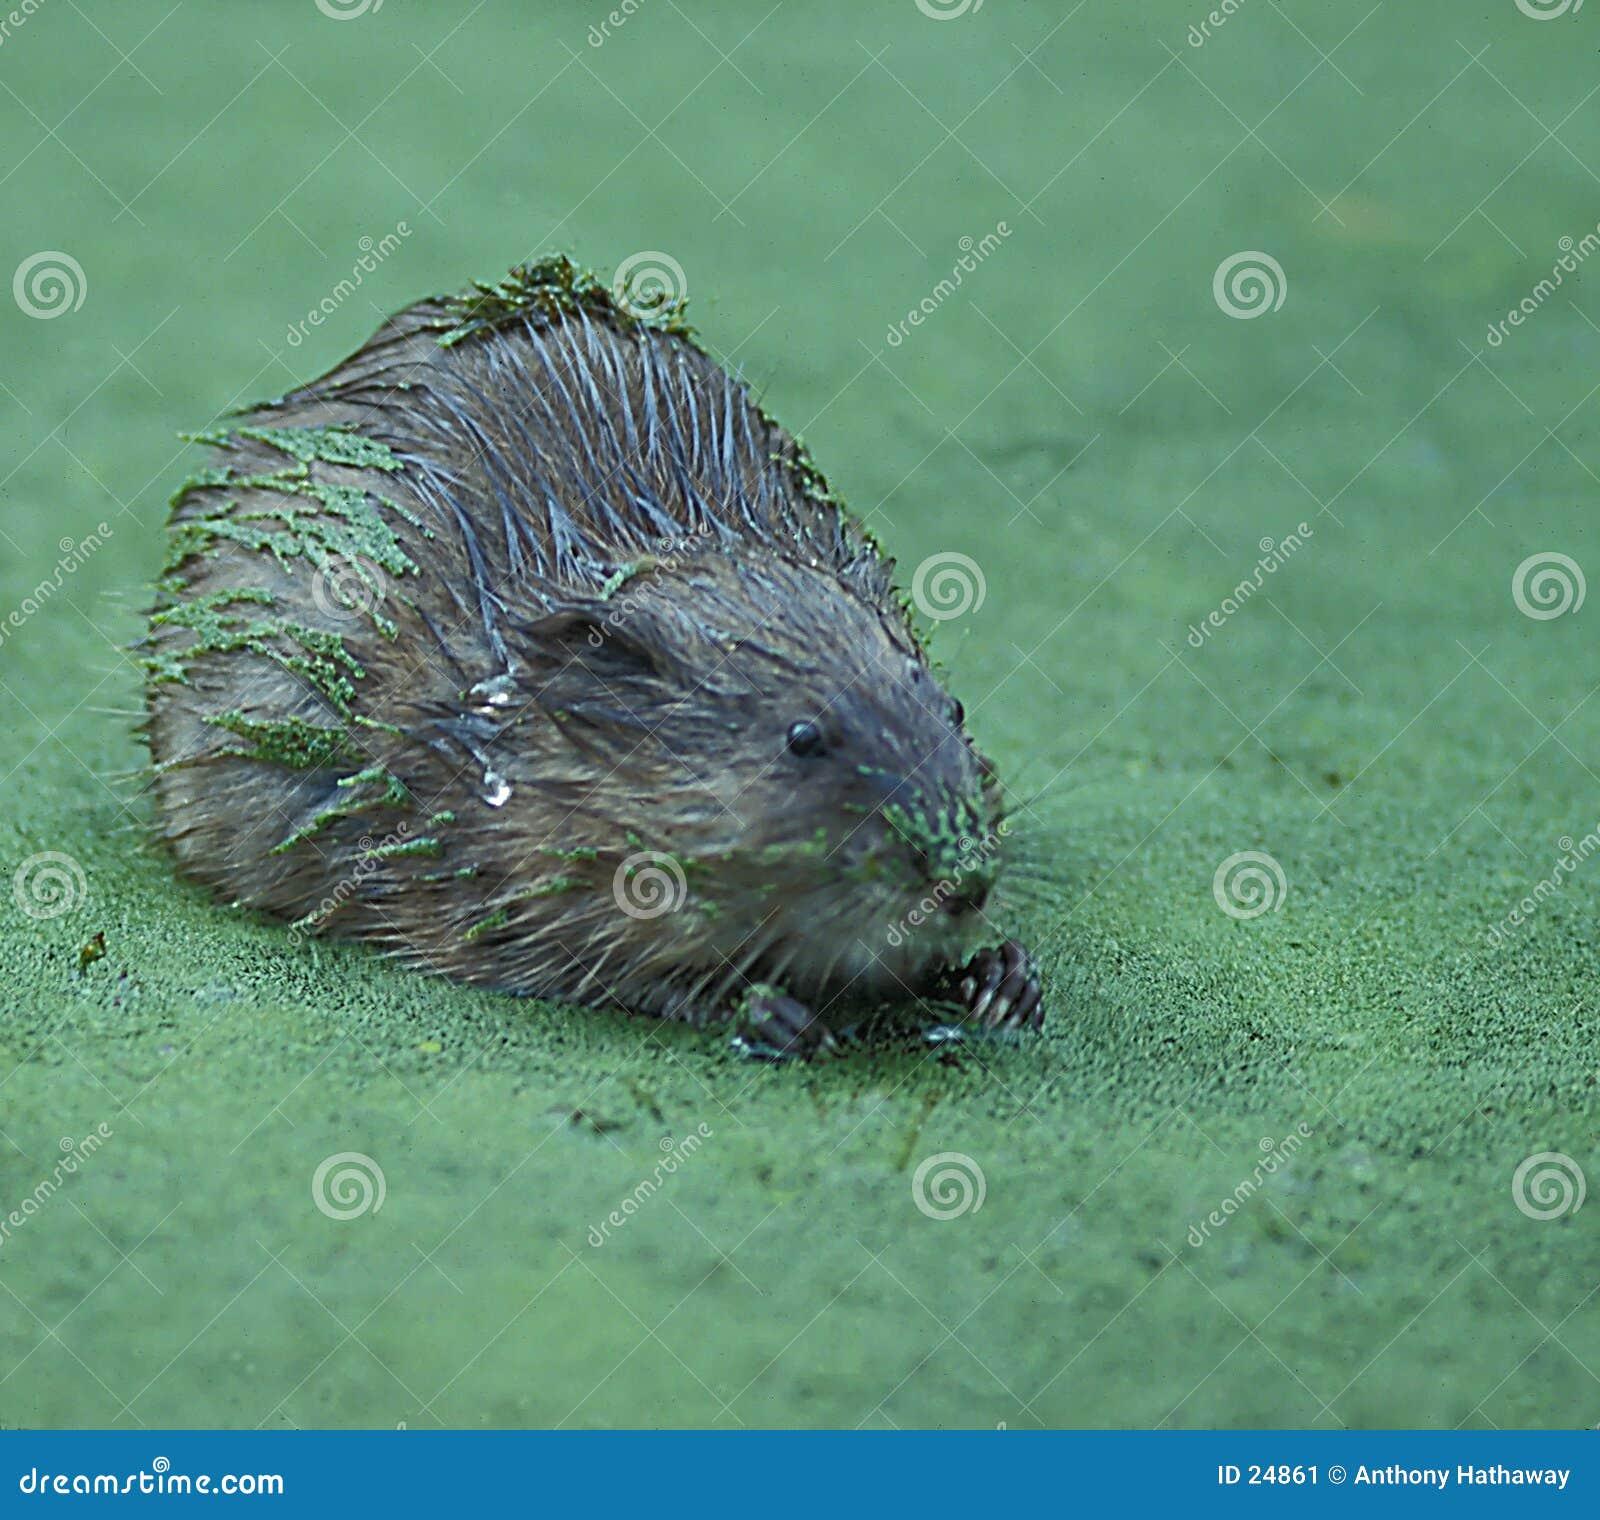 Duckweed muskrat